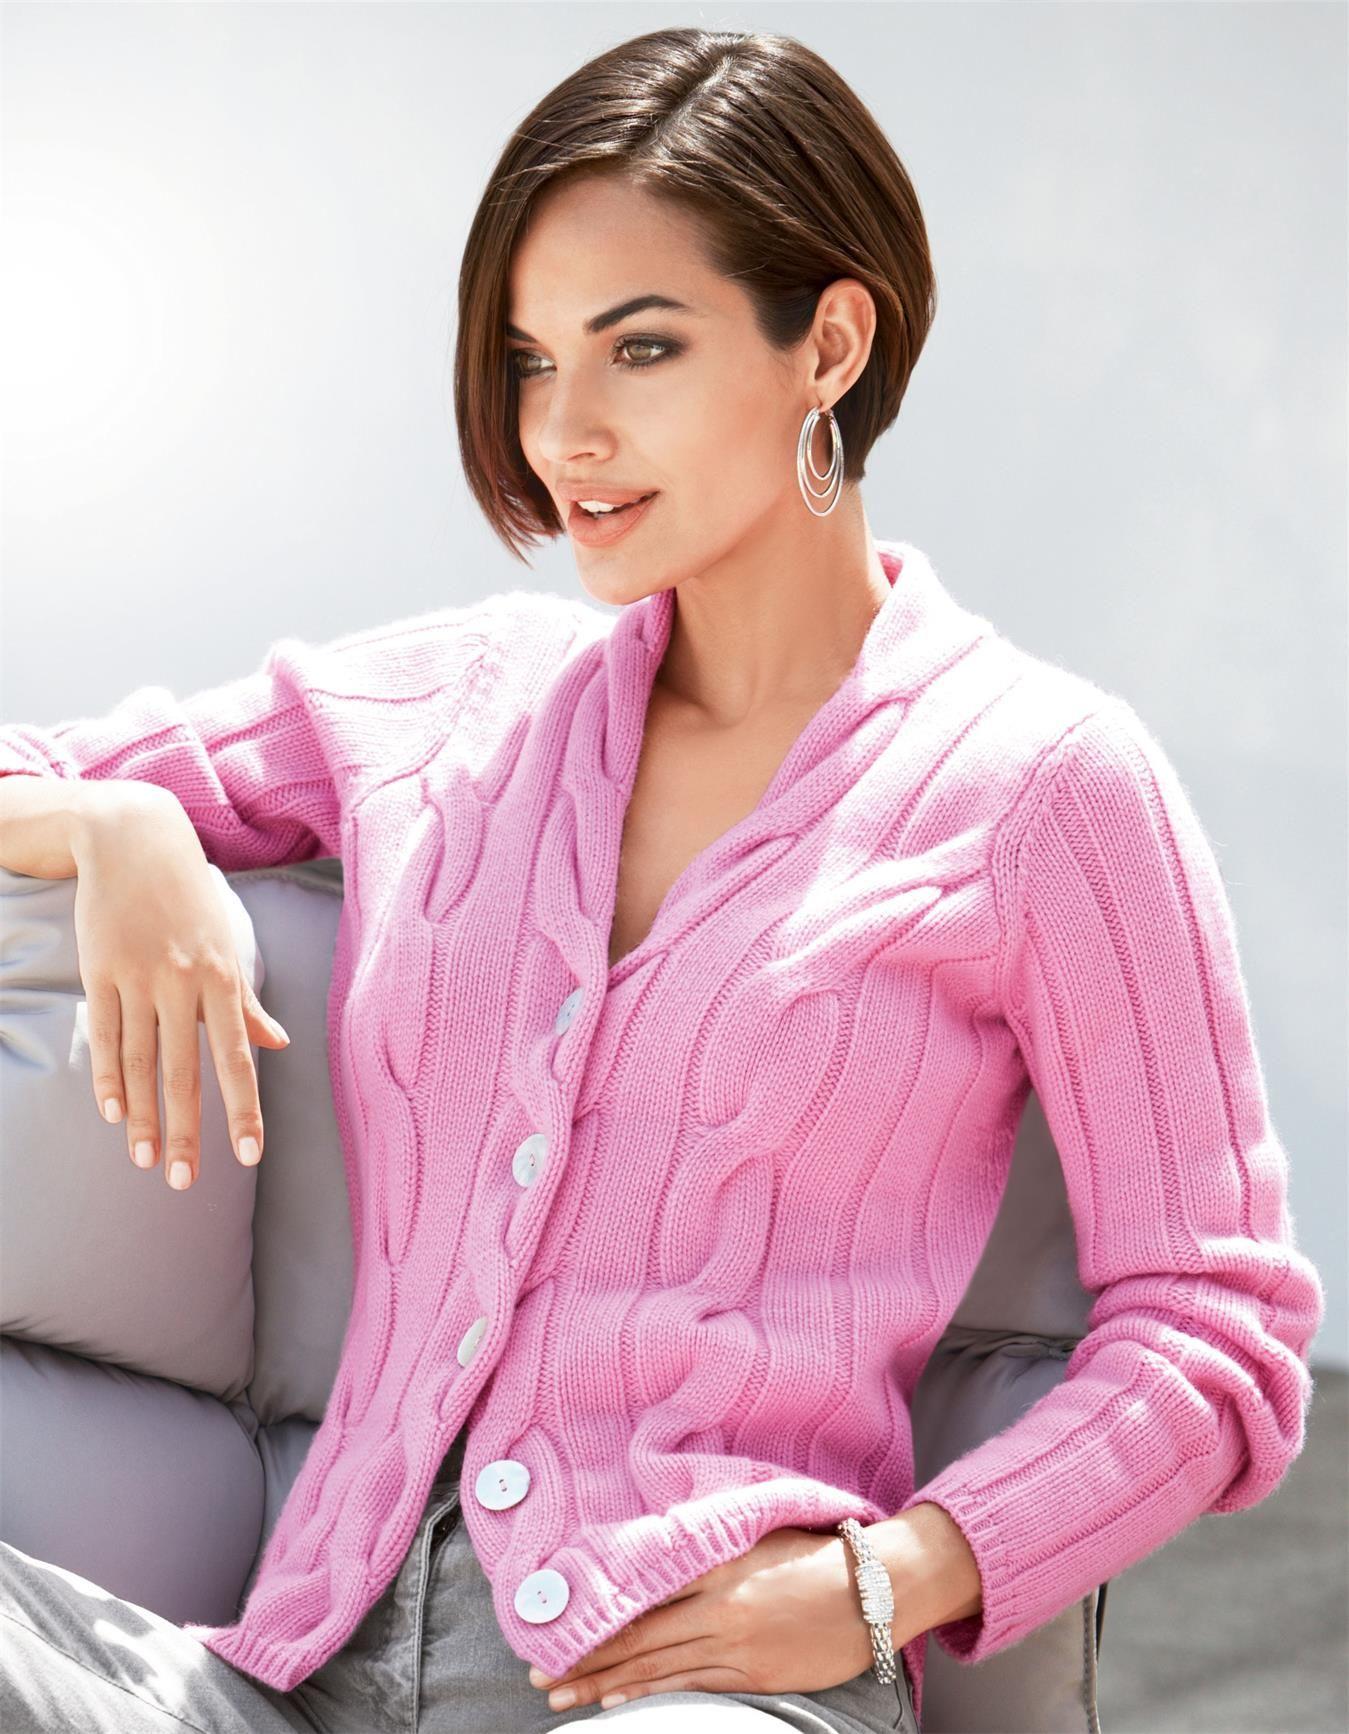 Strickjacke in den Farben wildrose, schwarz - rosa - im MADELEINE Mode Onlineshop